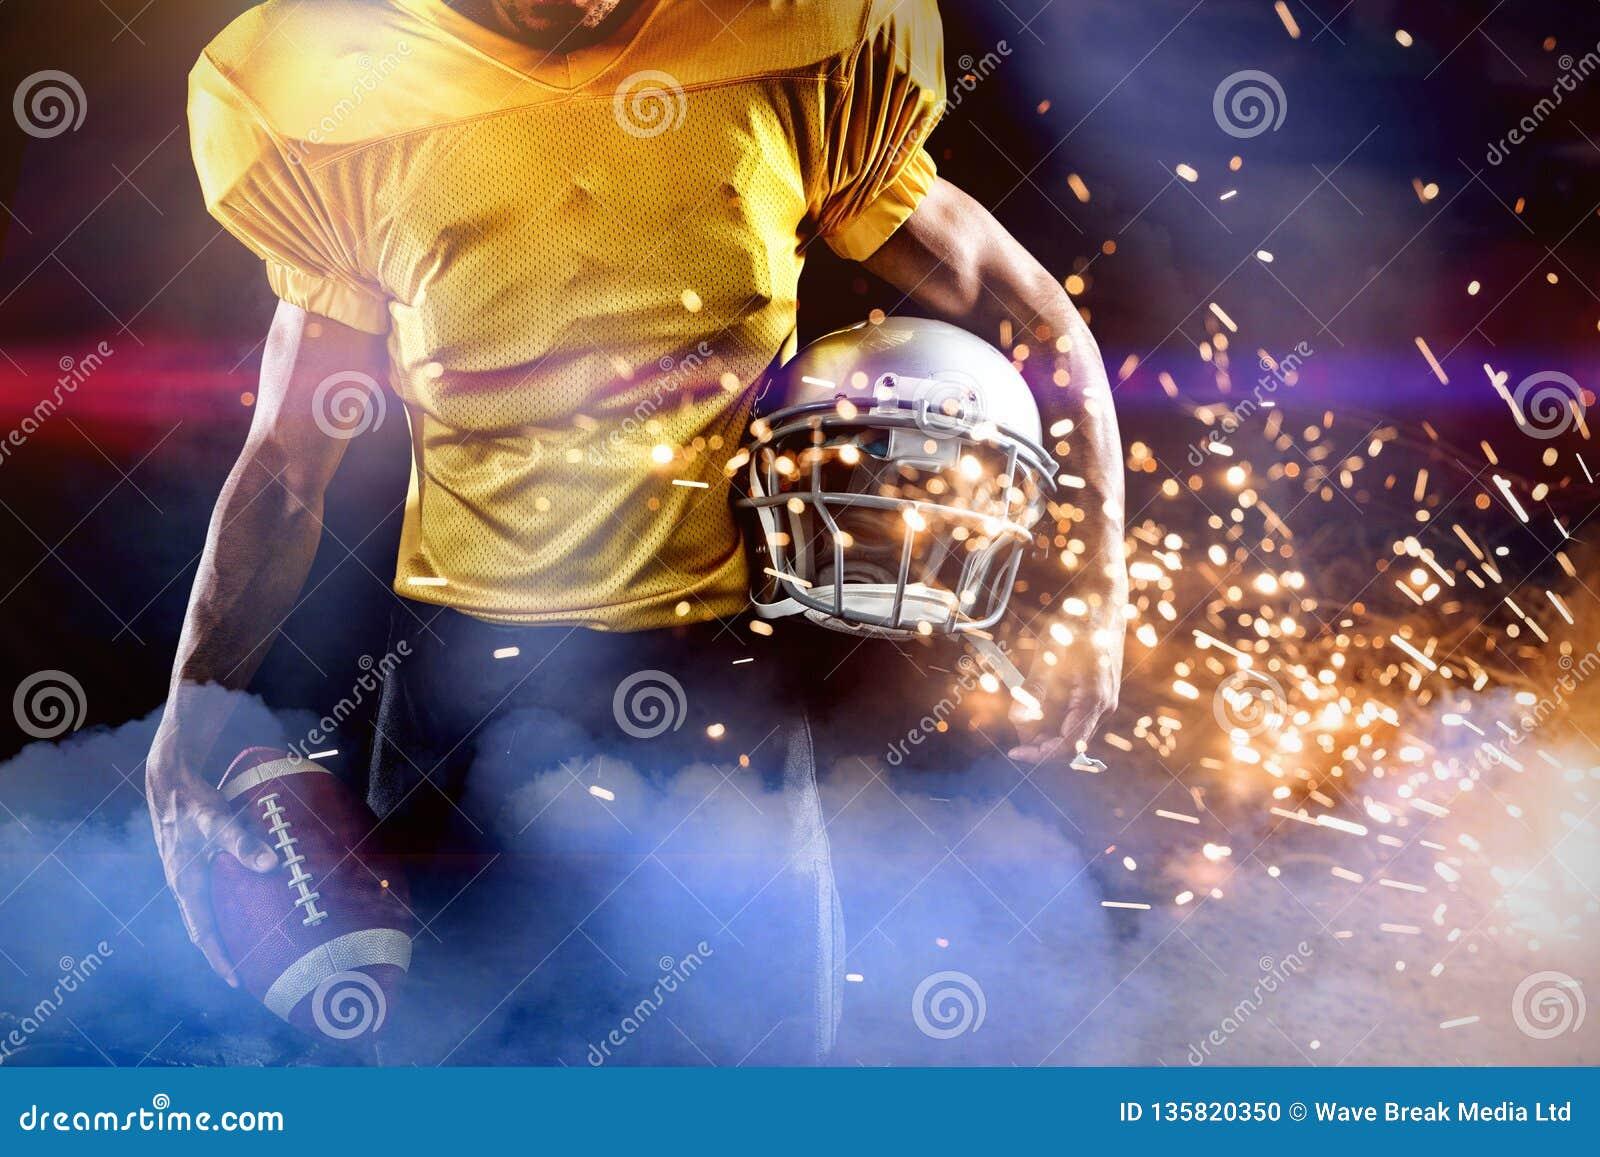 Samengesteld beeld van medio sectie van mannelijke atleet met Amerikaanse voetbal en helm